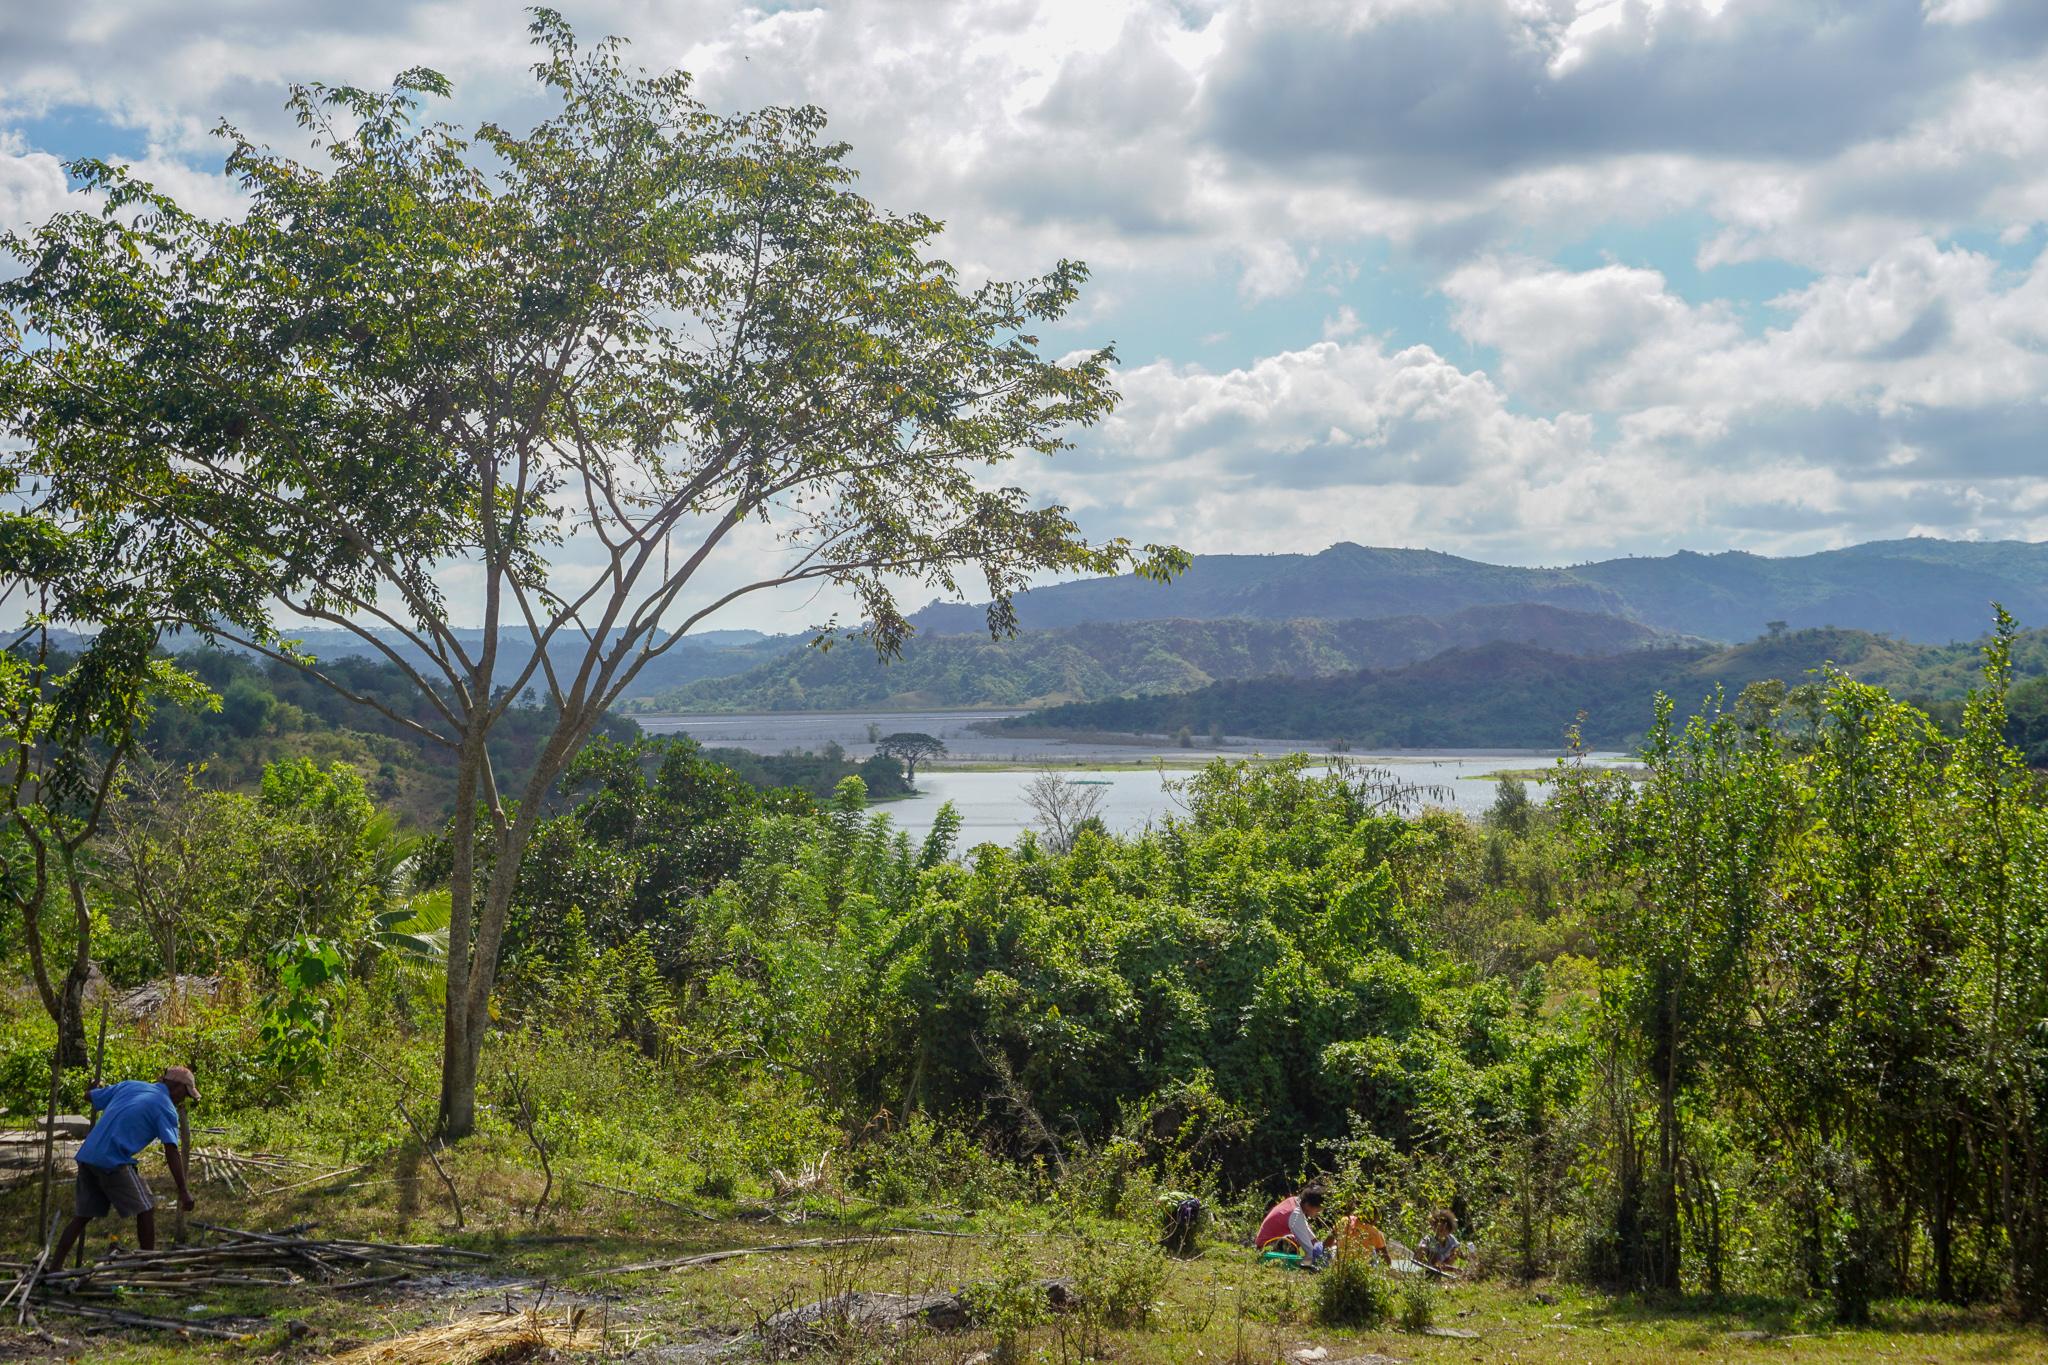 Sitio Bulacan, Brgy. Sta. Juliana, Capas, Tarlac